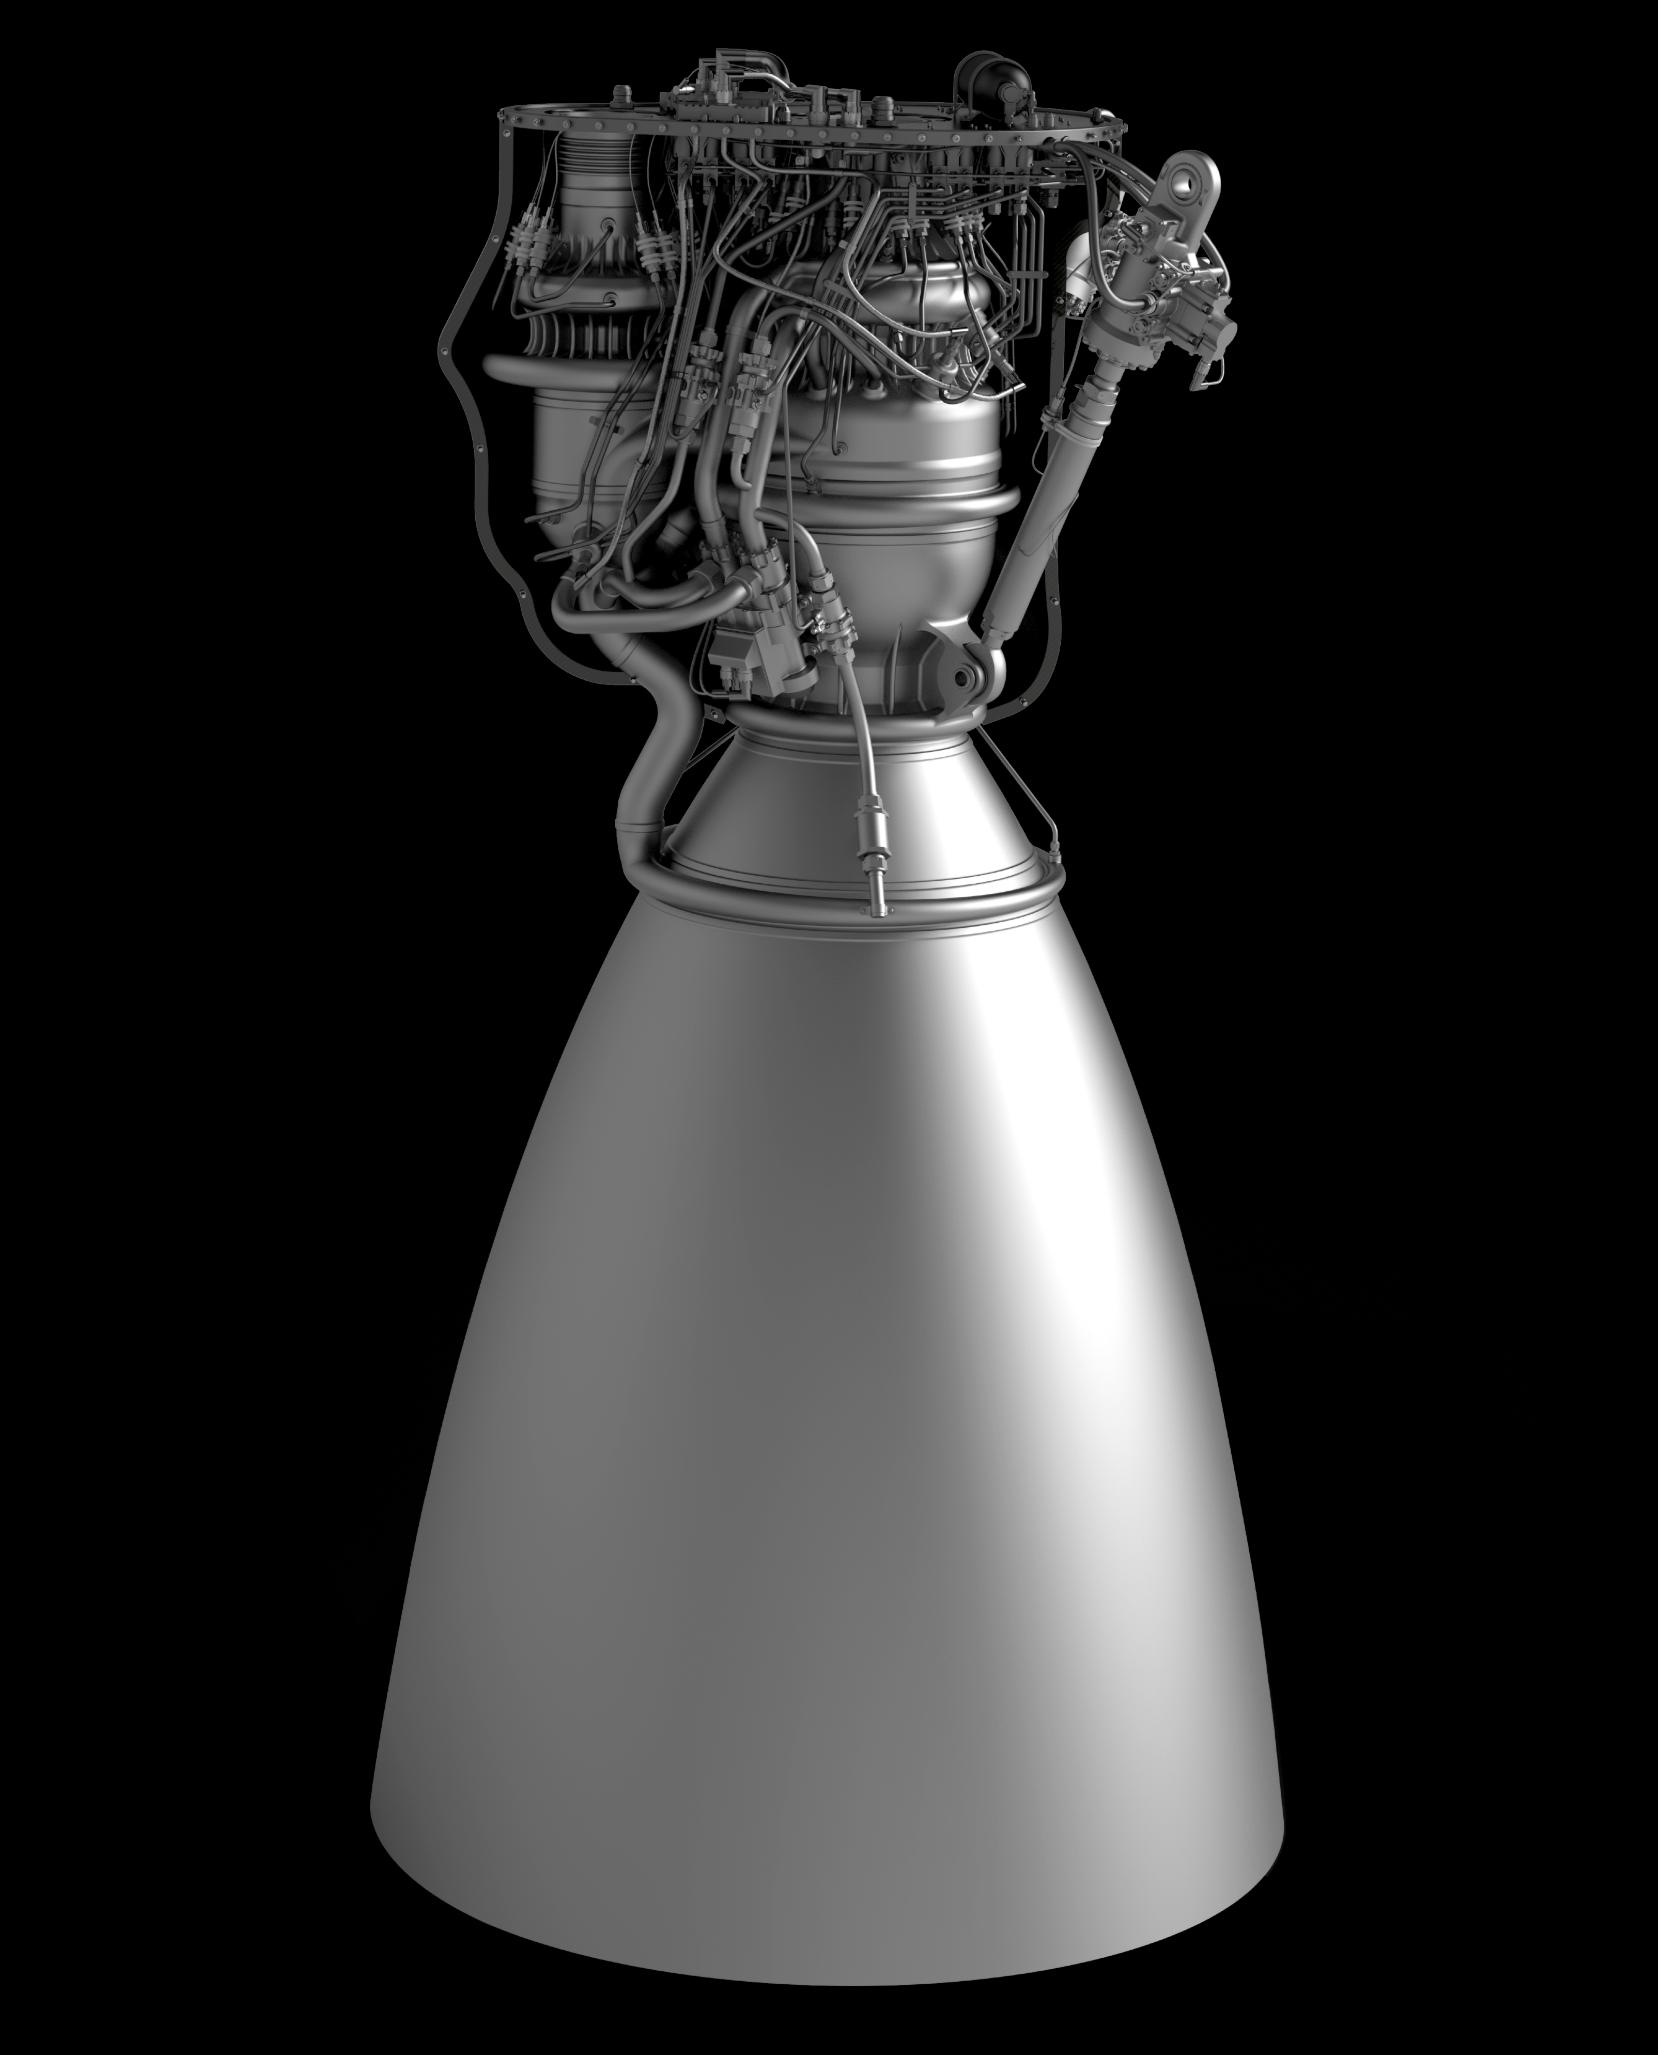 Raptor Vac 2016 (SpaceX)